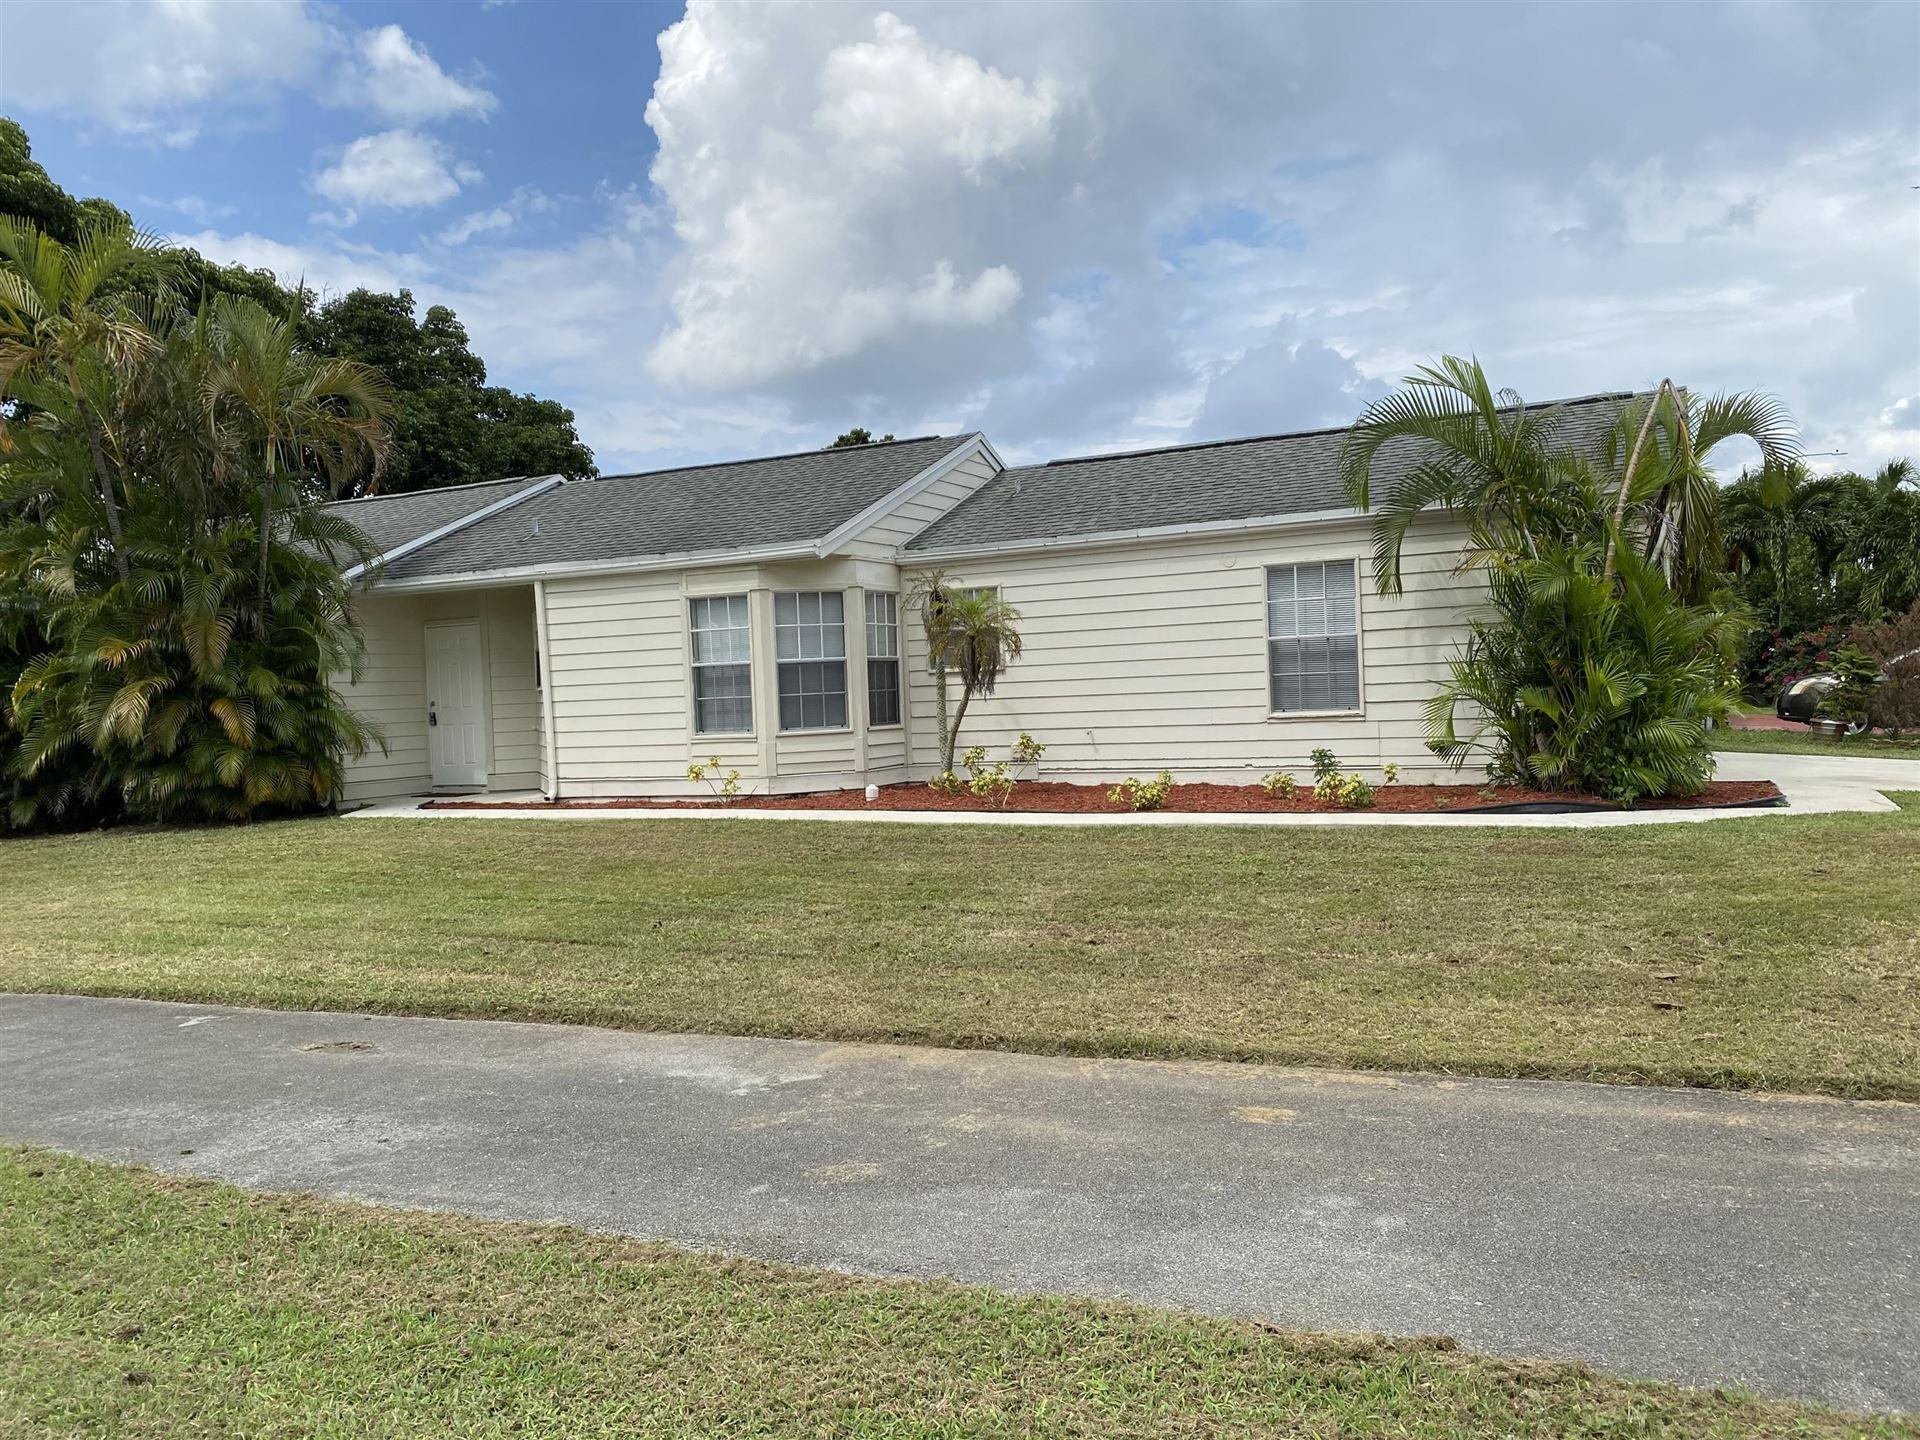 5598 Dewberry Way, West Palm Beach, FL 33415 - #: RX-10658277